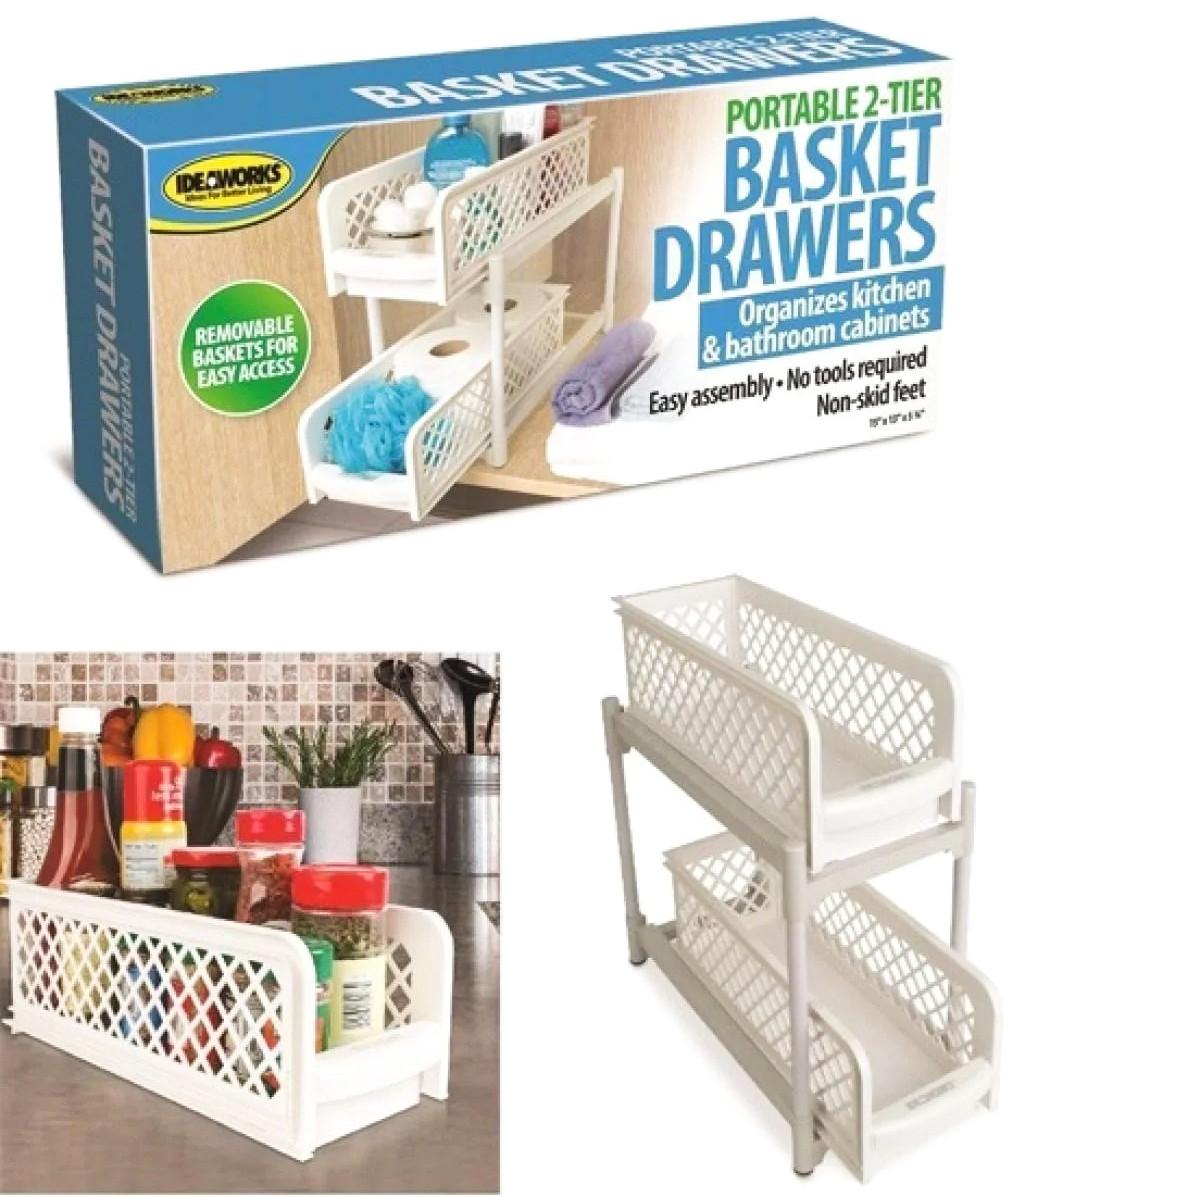 Органайзер побутової з двома висувними полицями Portable 2 Tier Basket Drawers білий